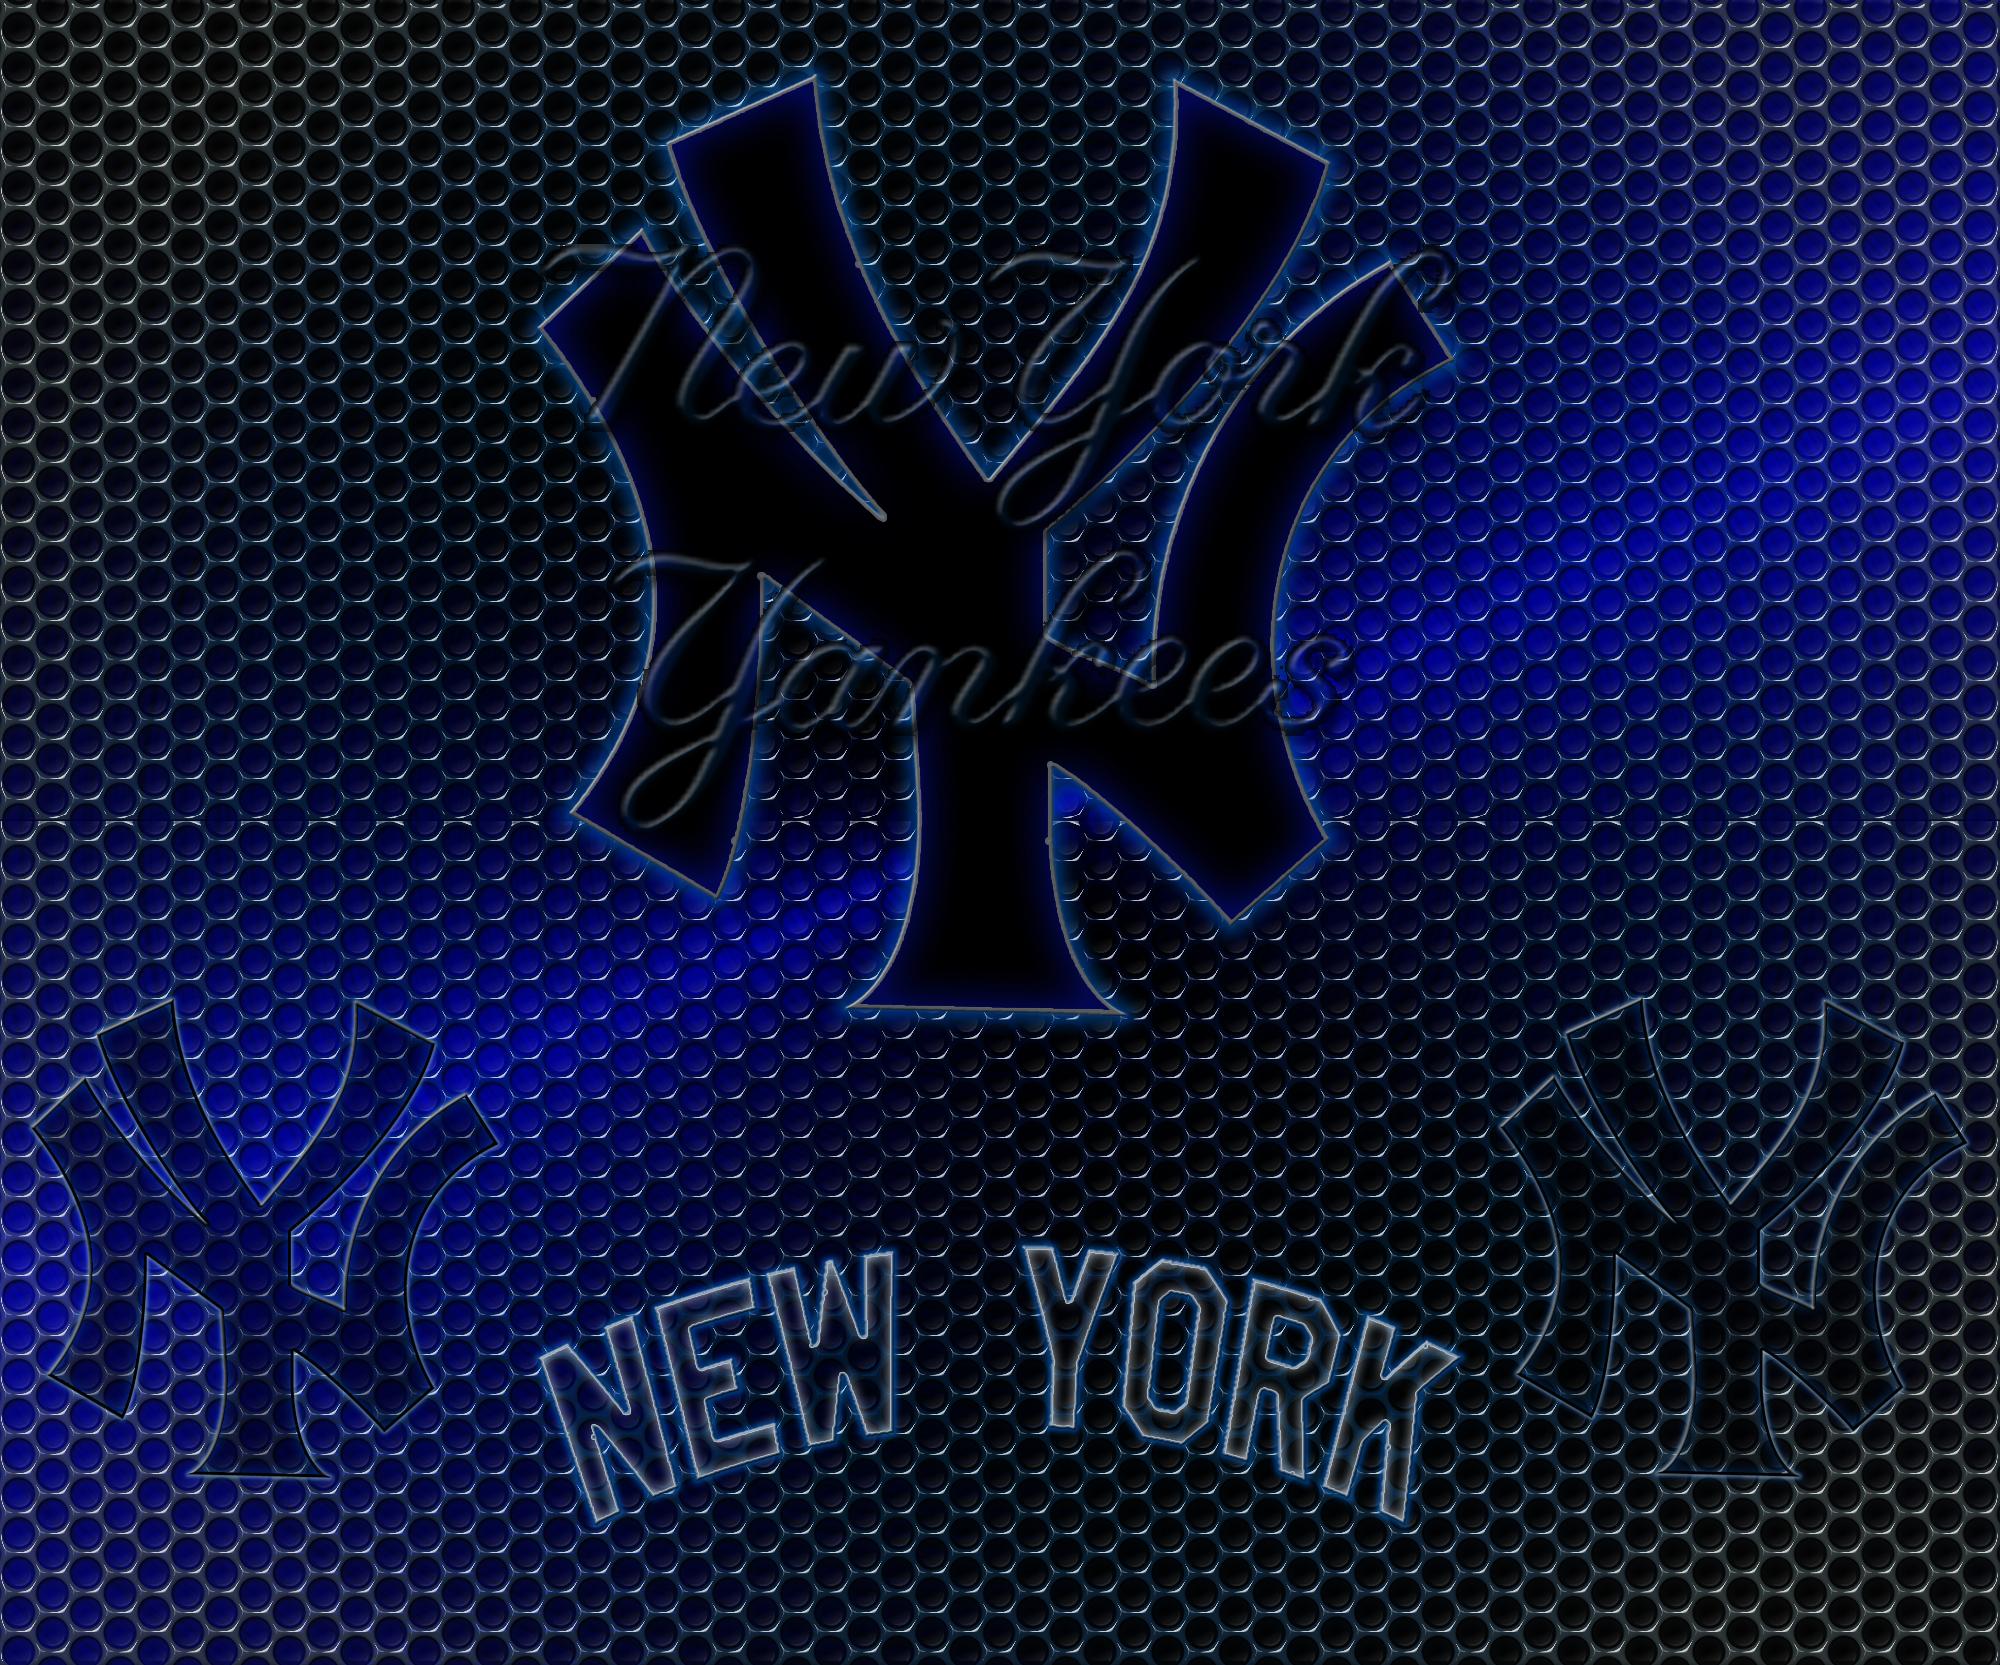 New York Yankees Logo Grid Wallpaper Download Wallpaper 2000x1665